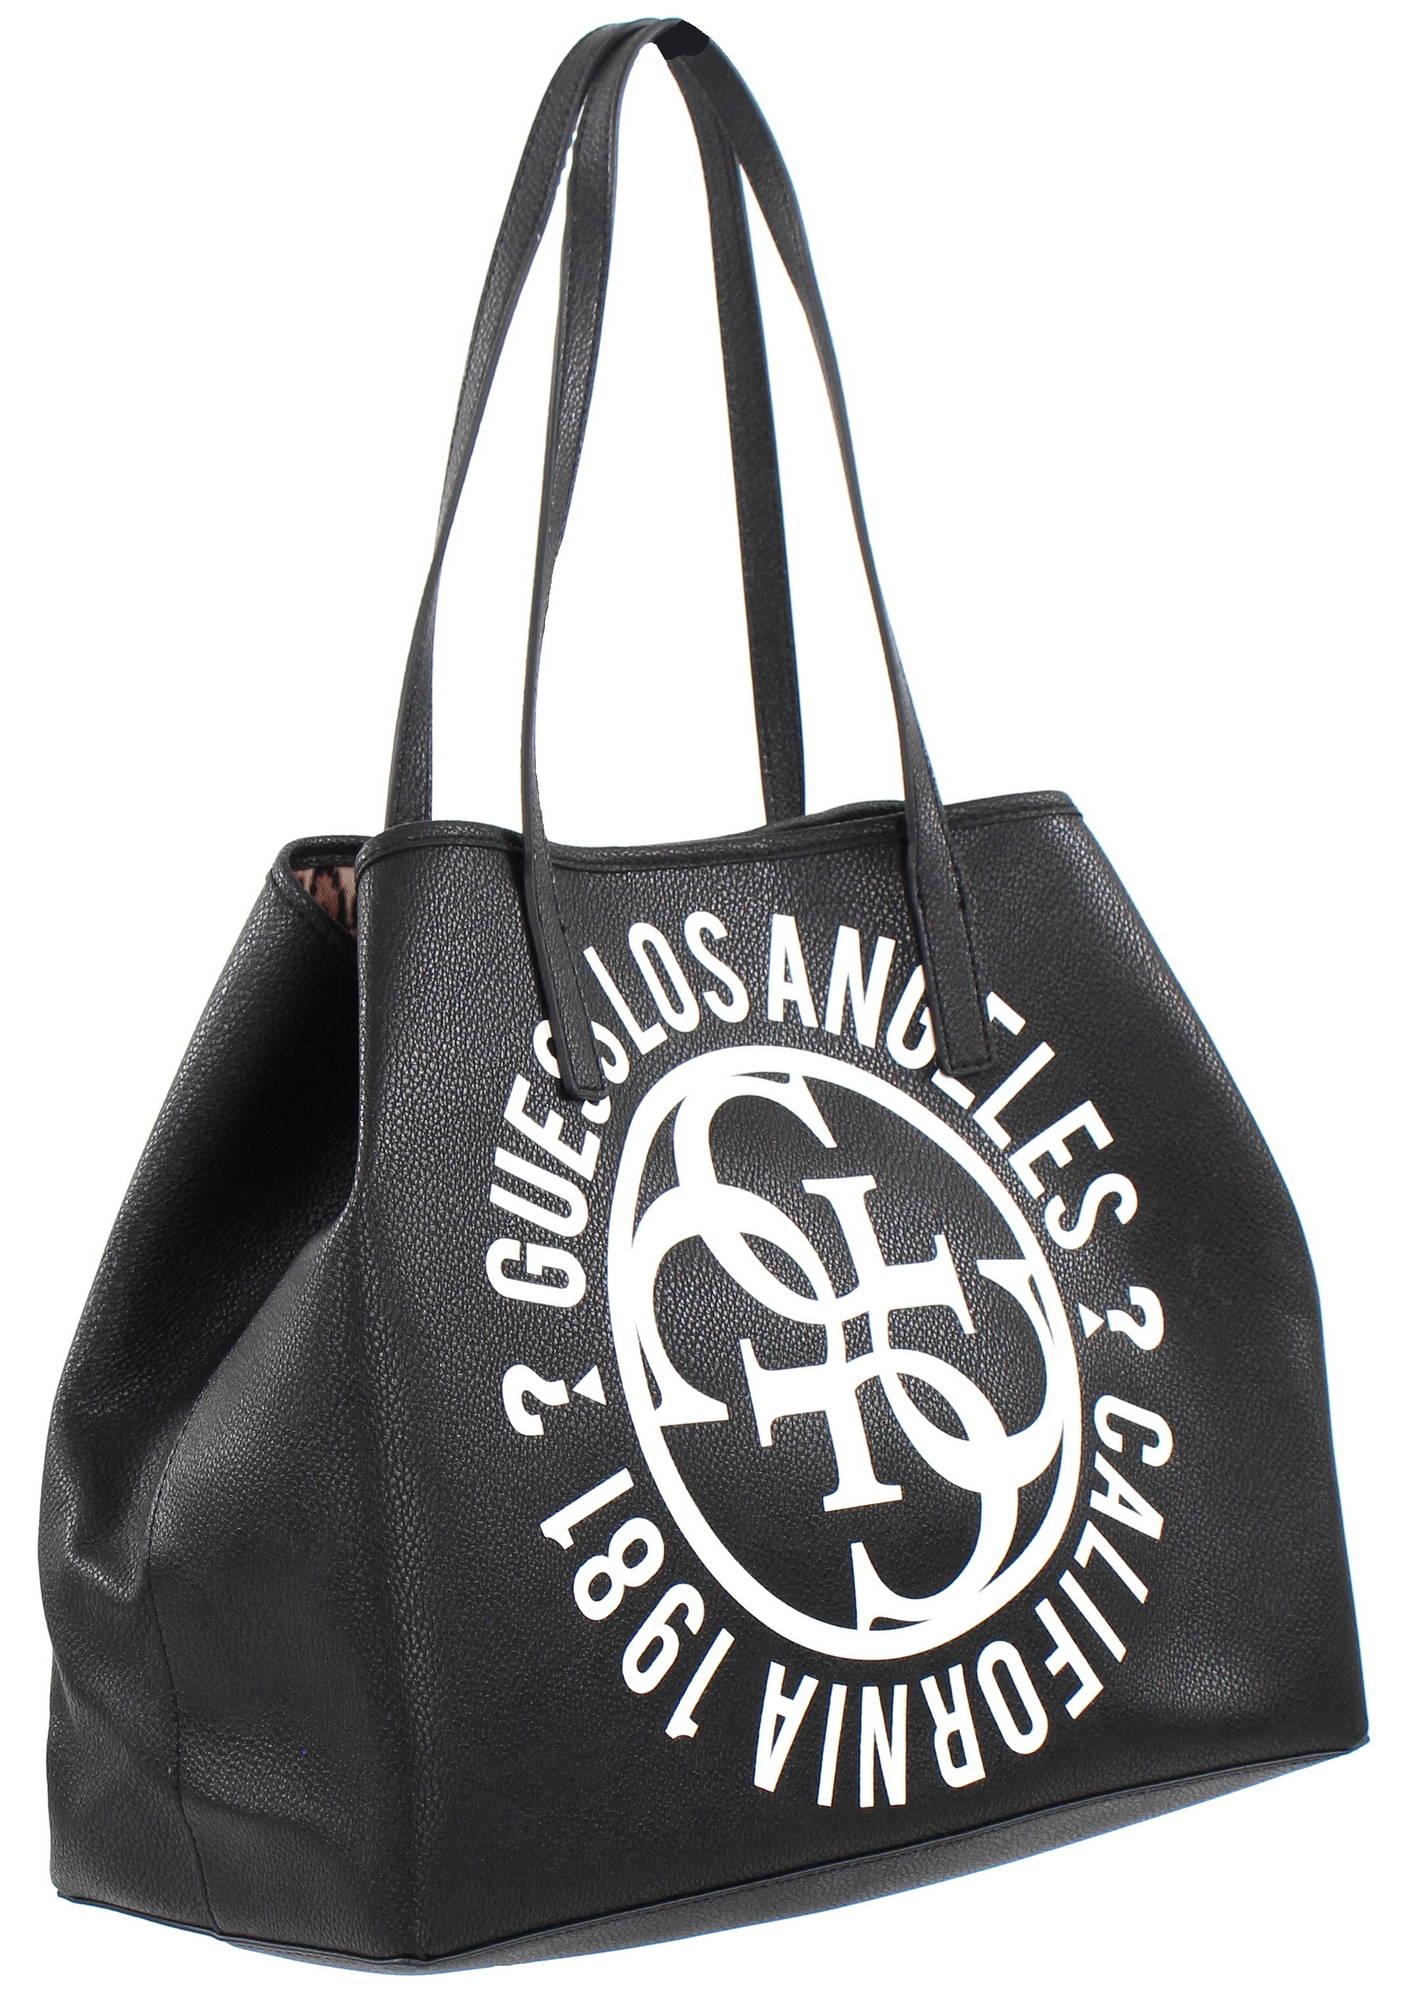 Guess Väska Vikky svart Stilettoshop.se webbutik